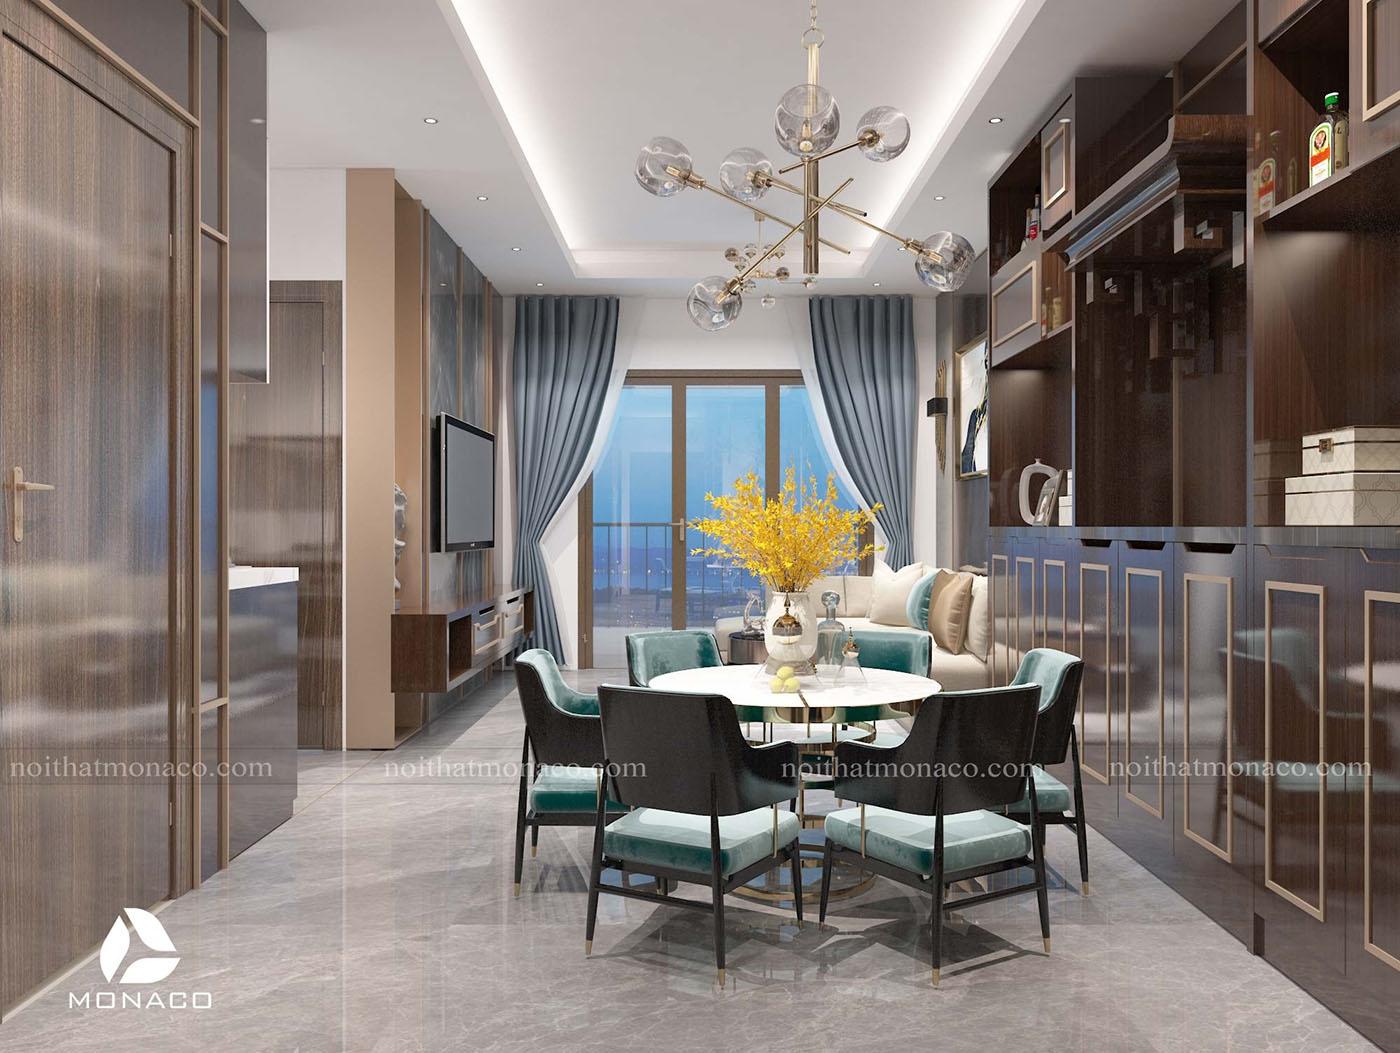 Thiết kế nội thất chung cư Rose Town 79 Ngọc Hồi - Anh Hòa